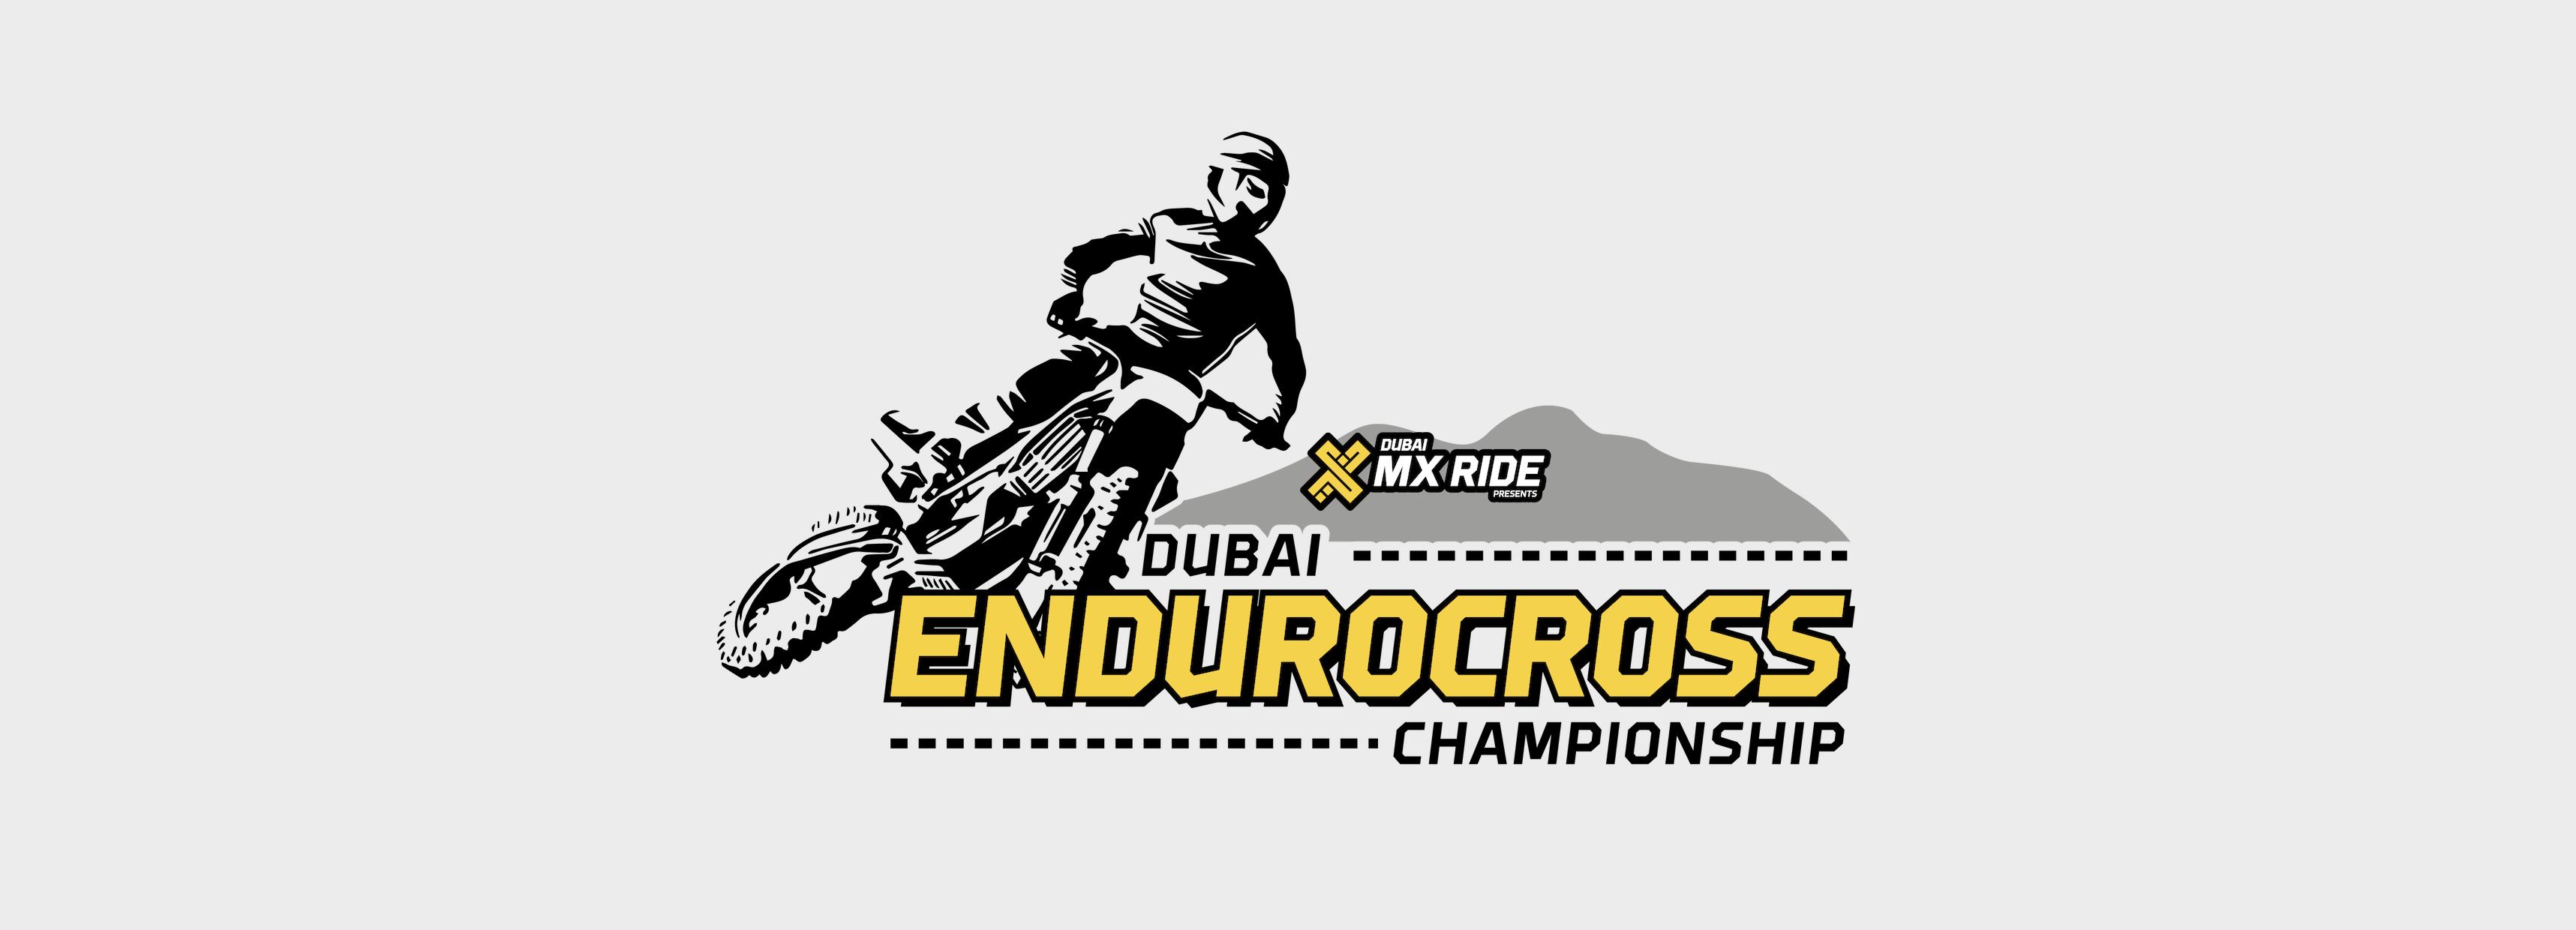 dubai-endurocross-banner